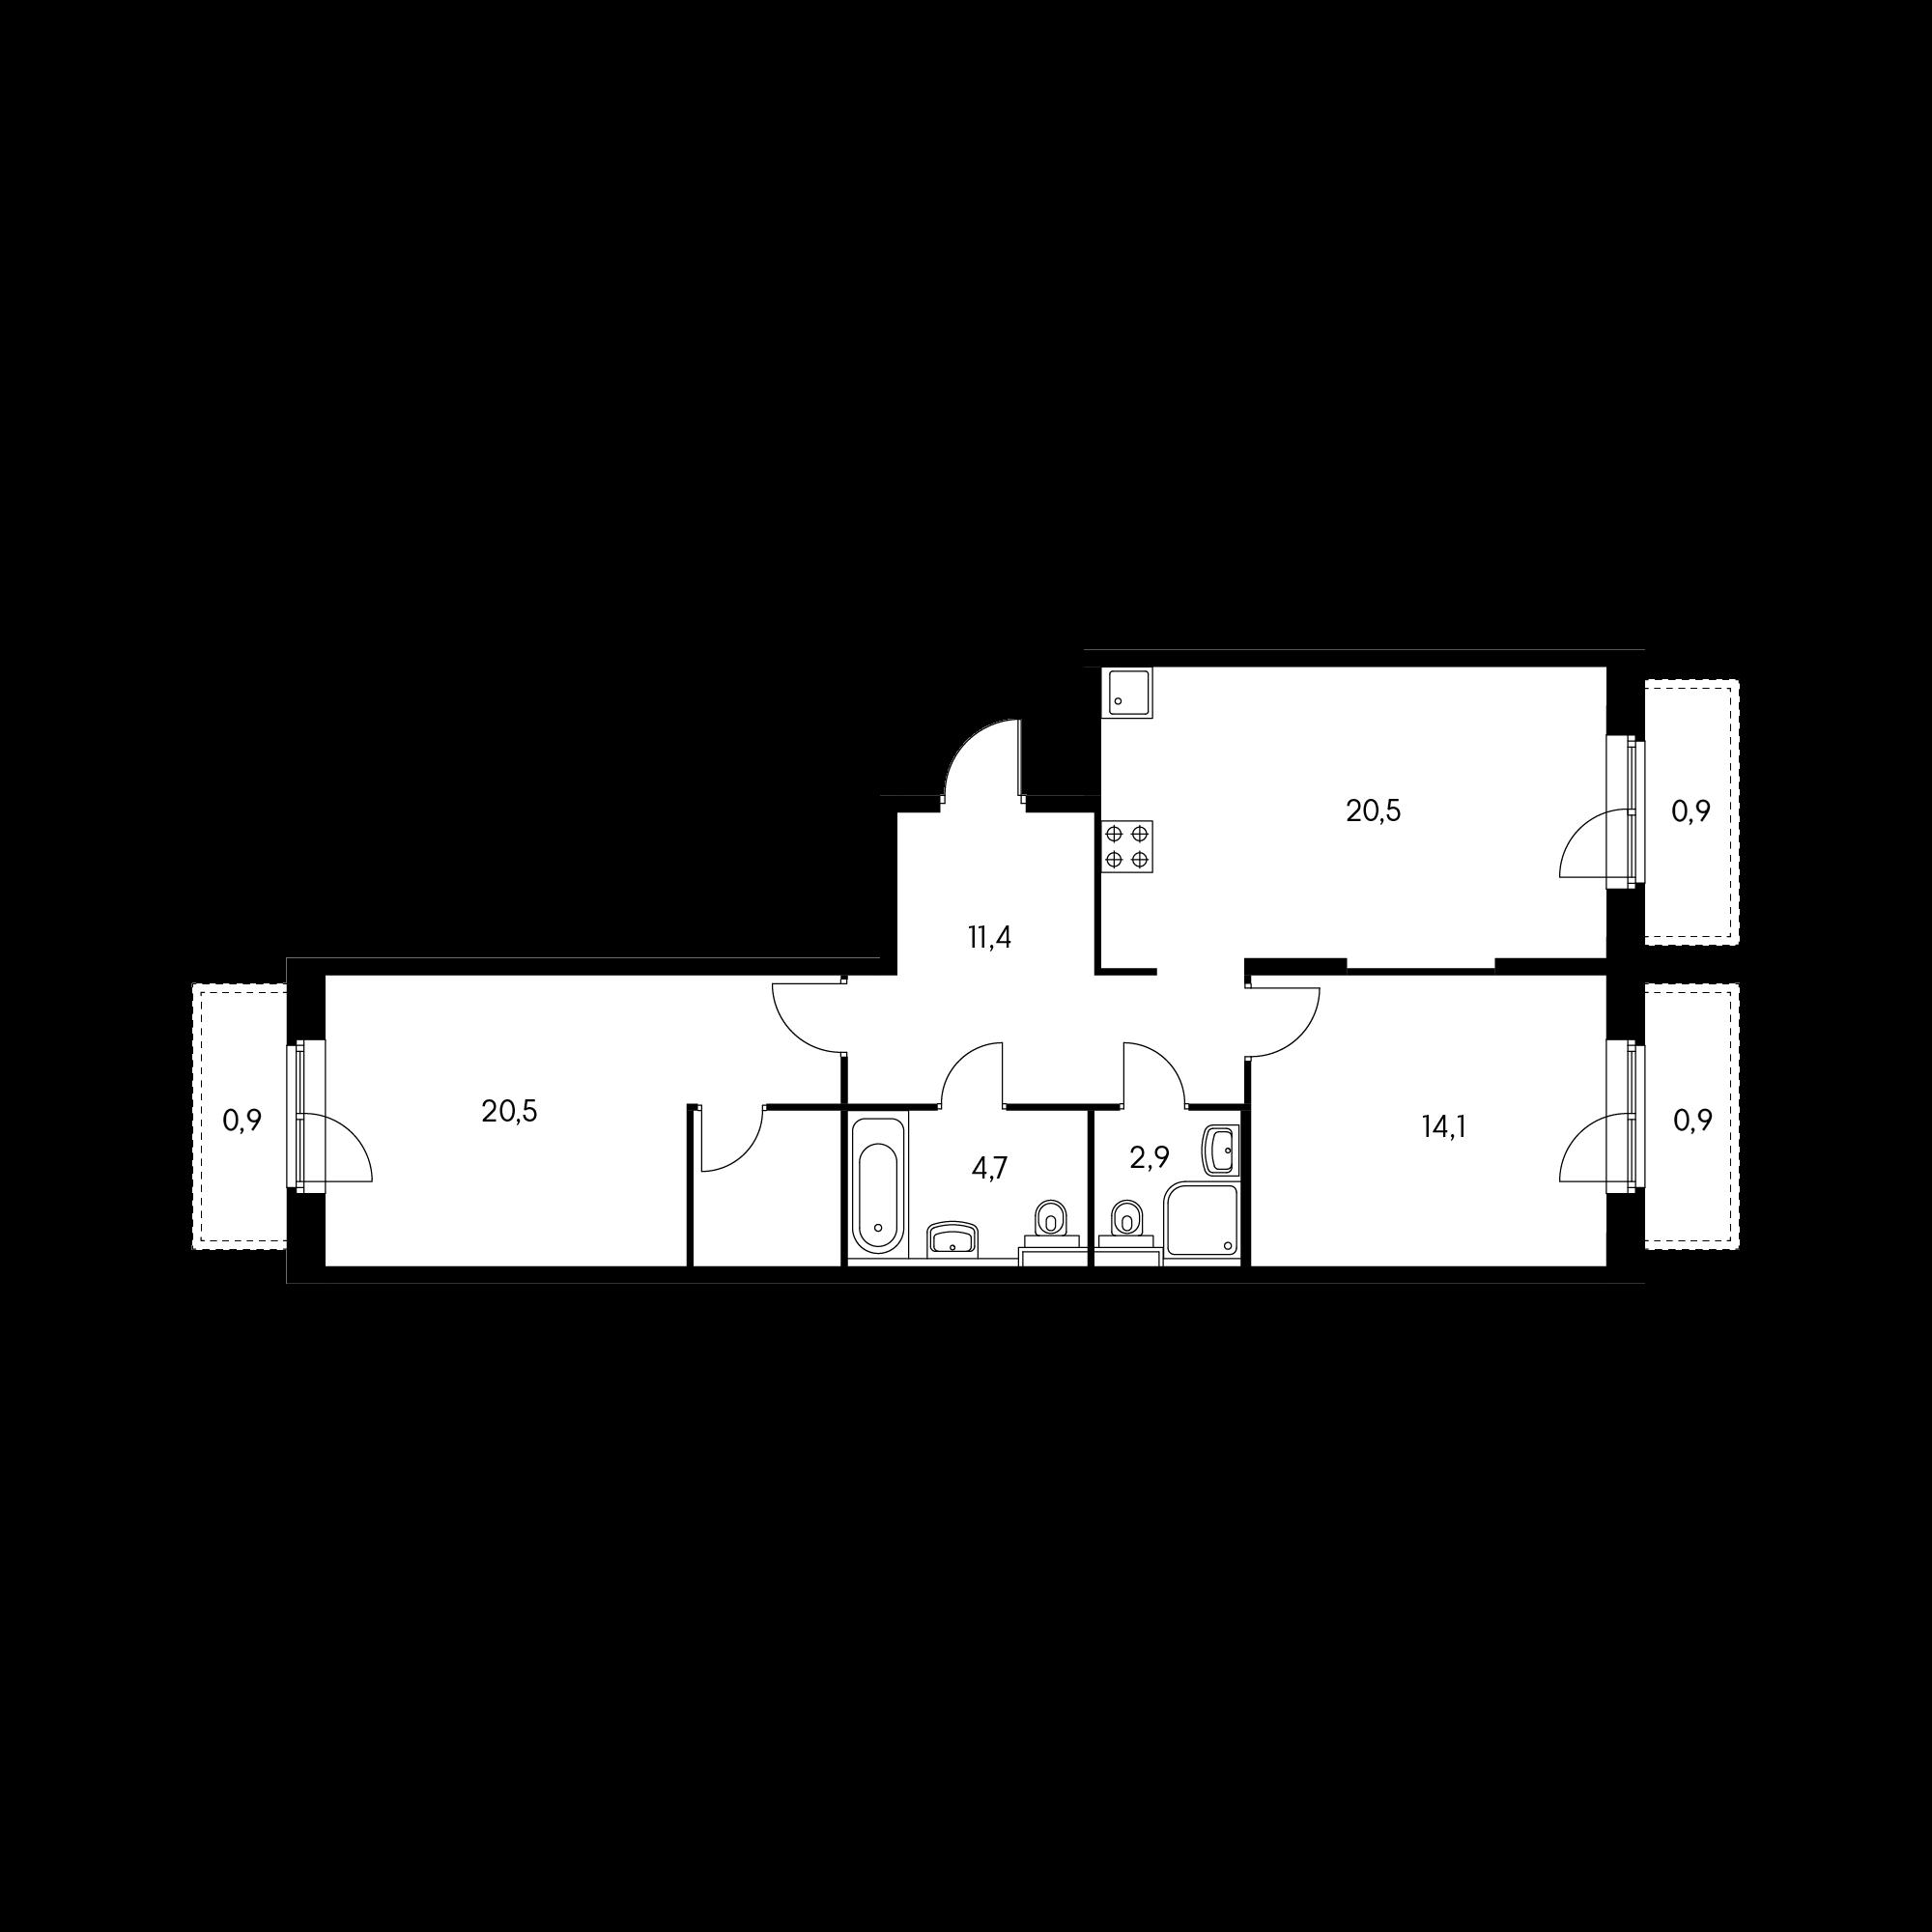 2EL3_7.2-1_ZB